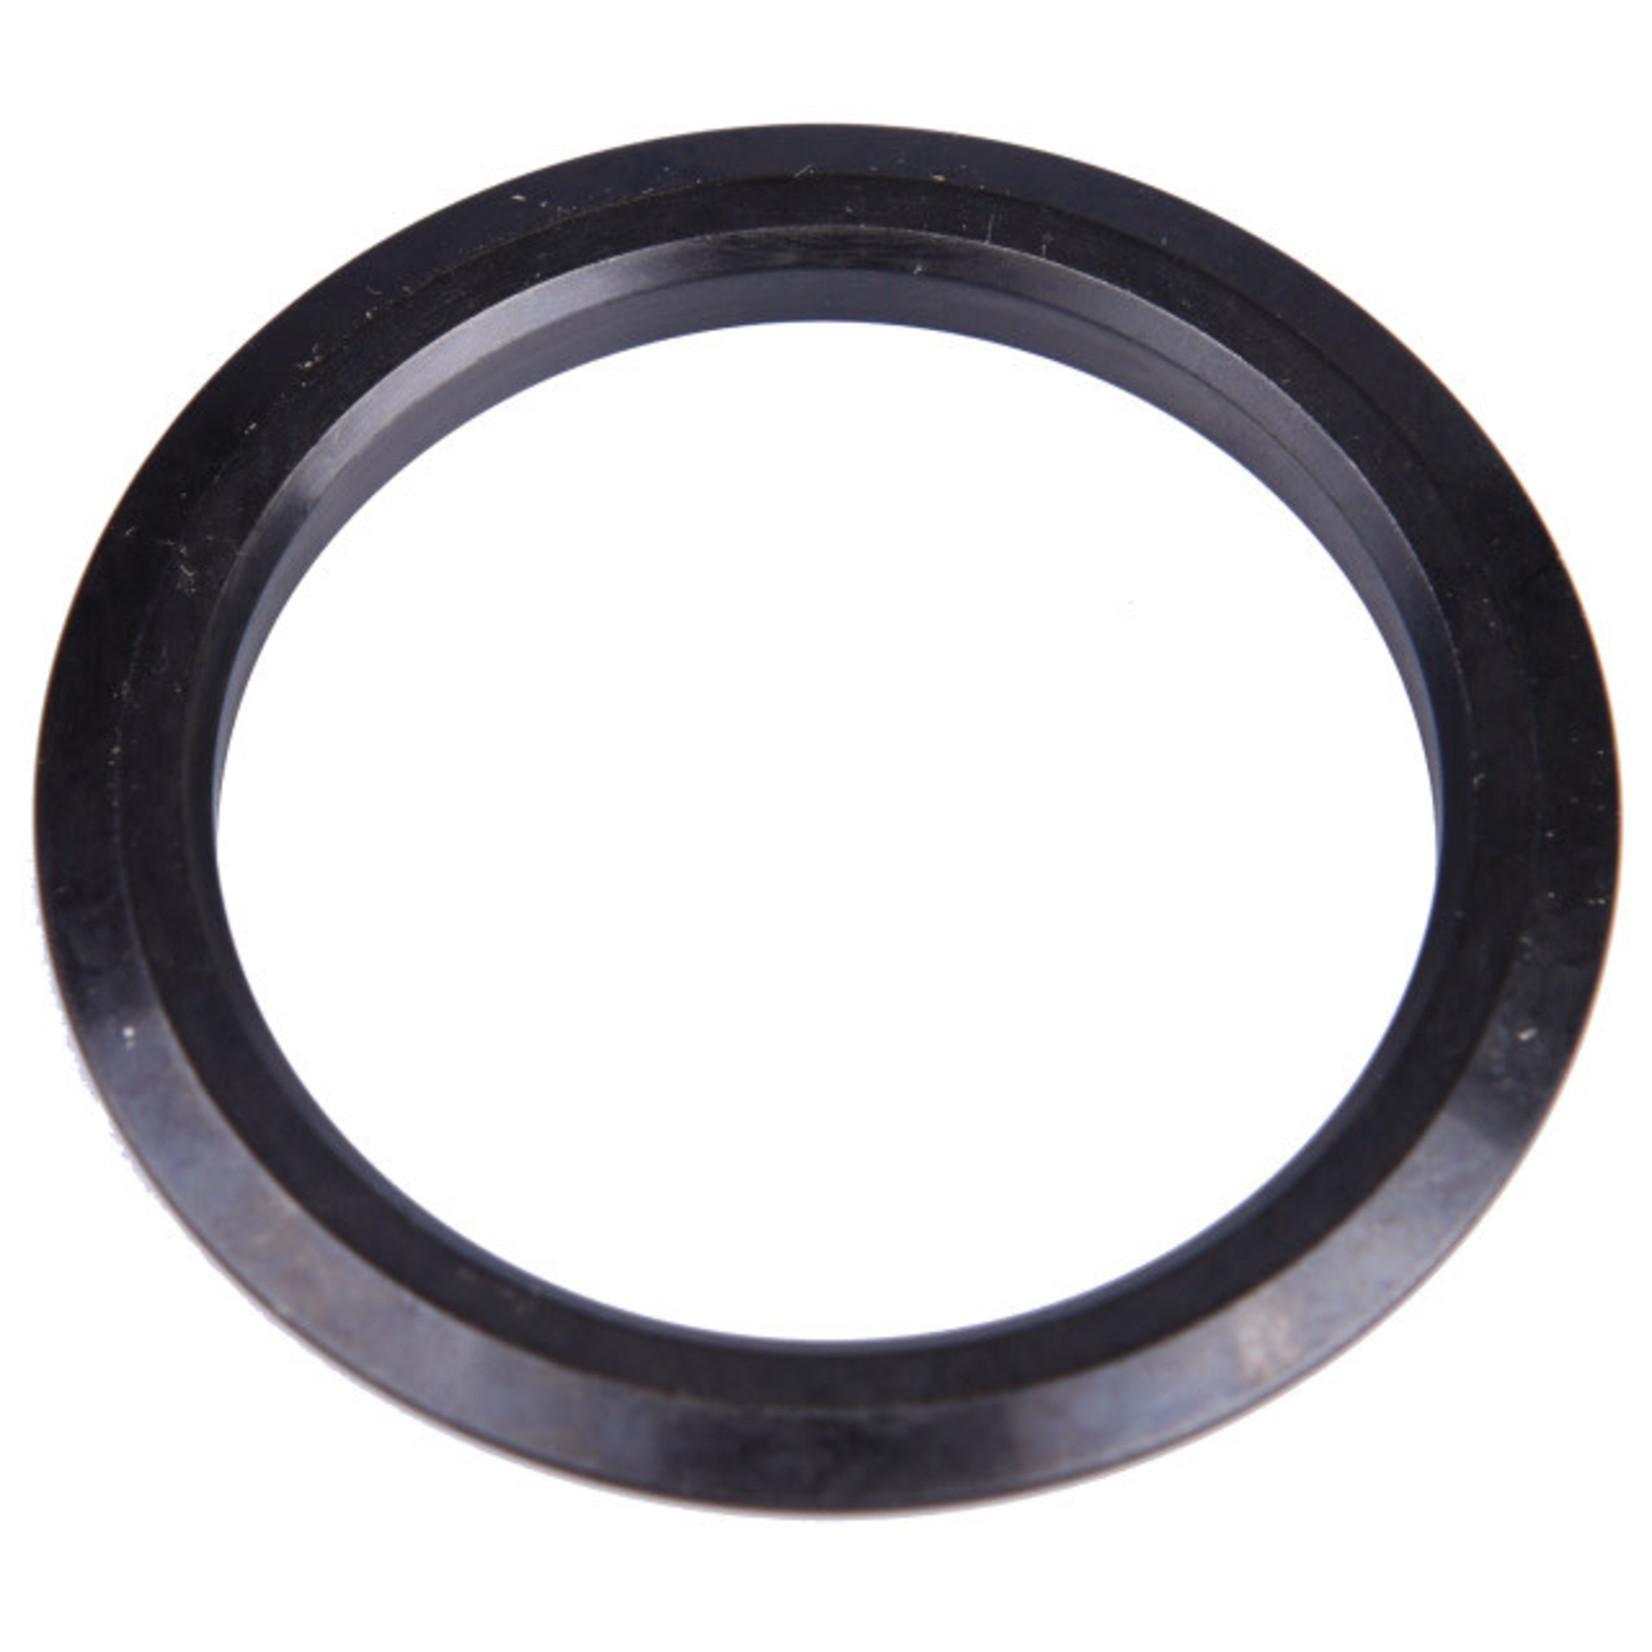 PRO- PRO - Cono forcella 1.5-1 1/8 Converter O:51.5/I:30/H:4.6 mm